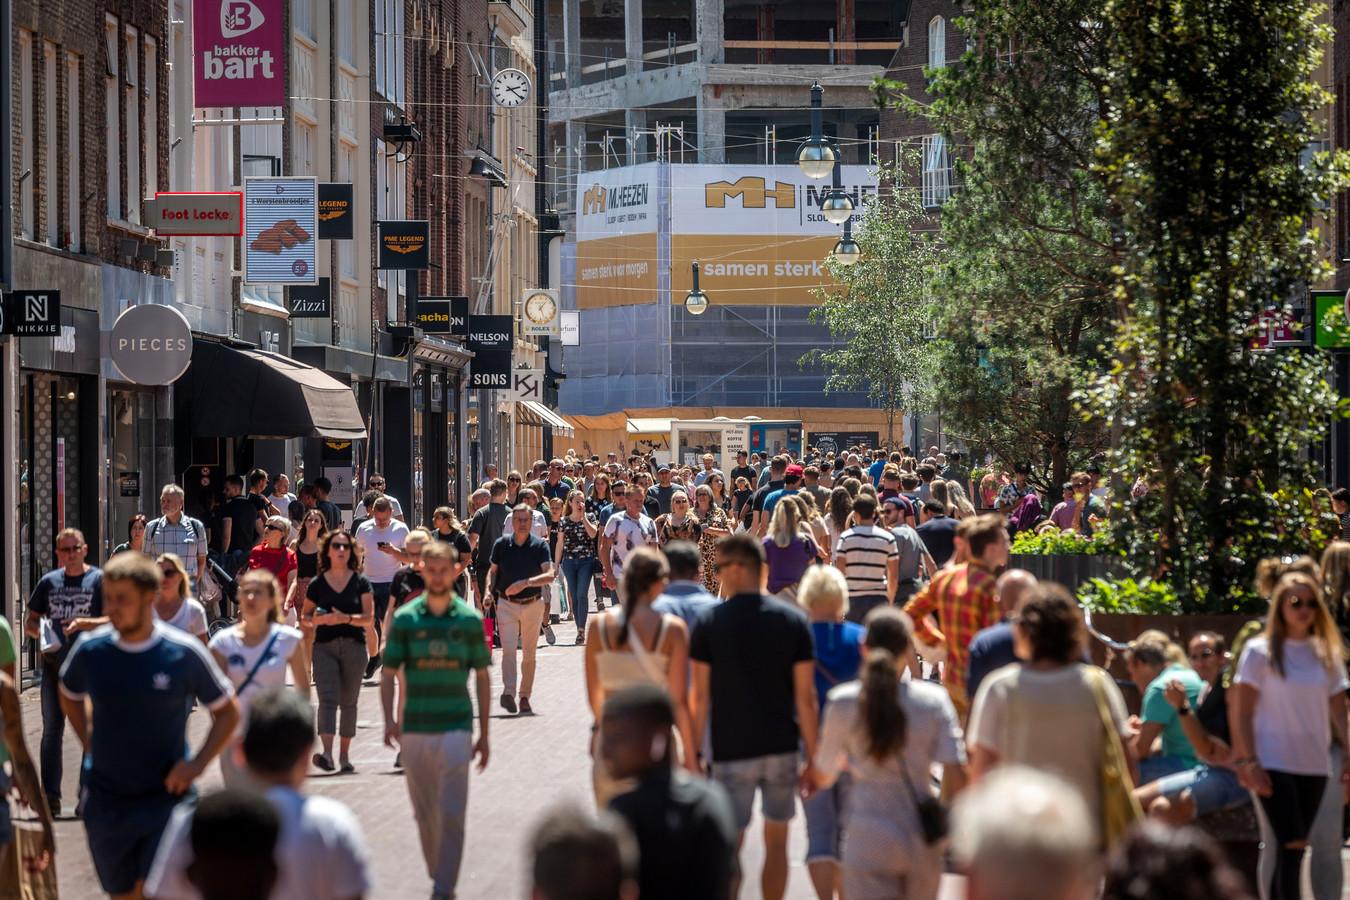 Het is nog niet echt druk in het stadscentrum van Eindhoven, maar winkeliers zijn blij dat de weg naar boven zich weer ingezet heeft.